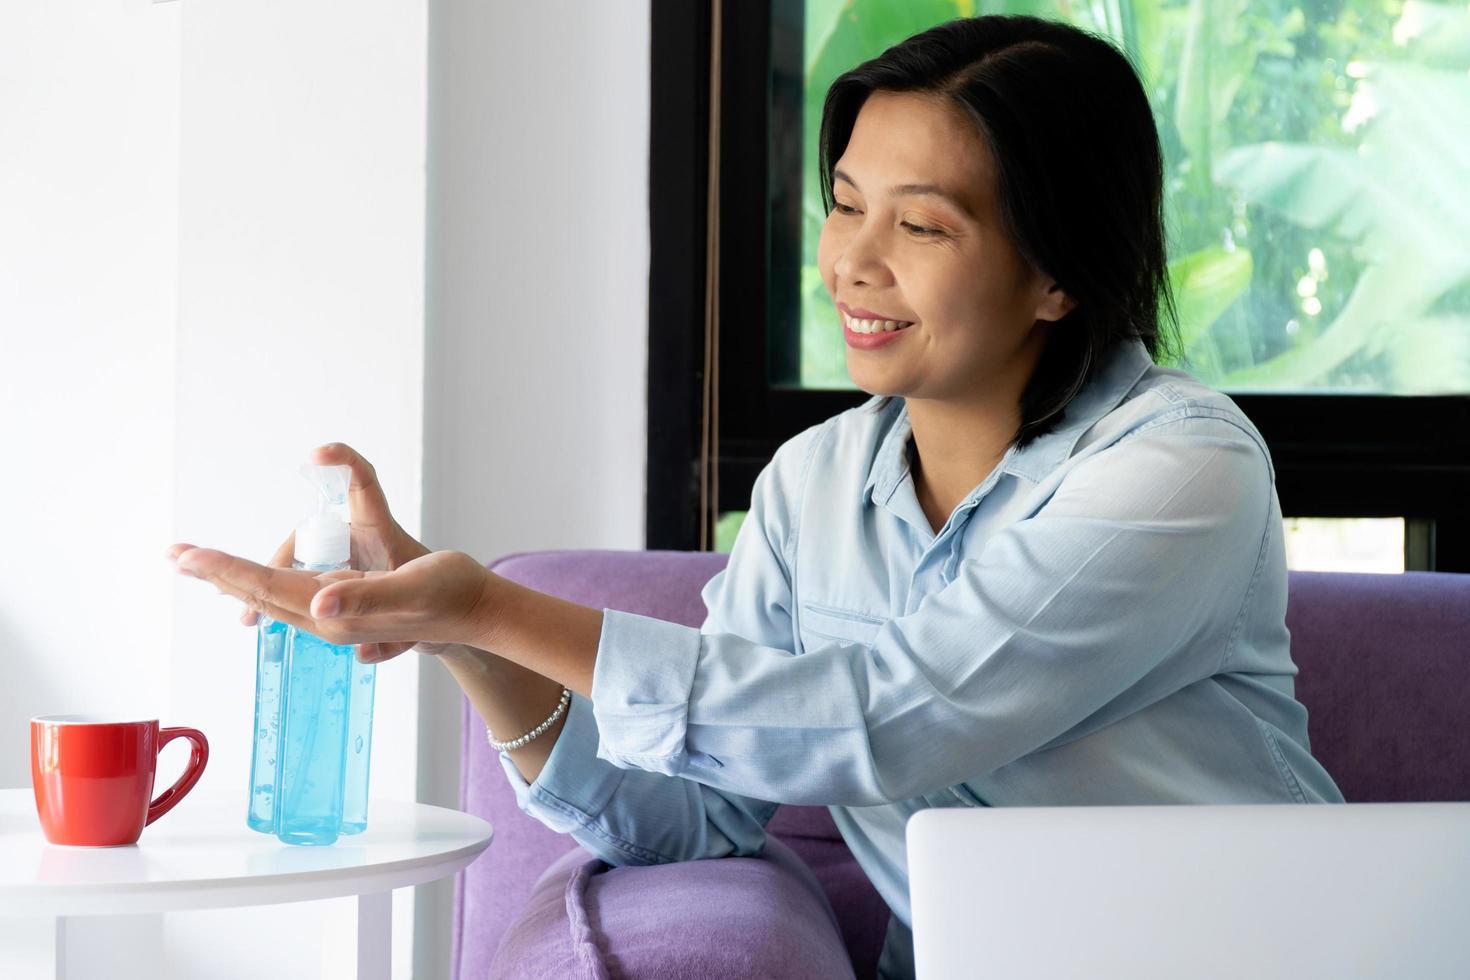 femme utilisant un désinfectant pour les mains photo